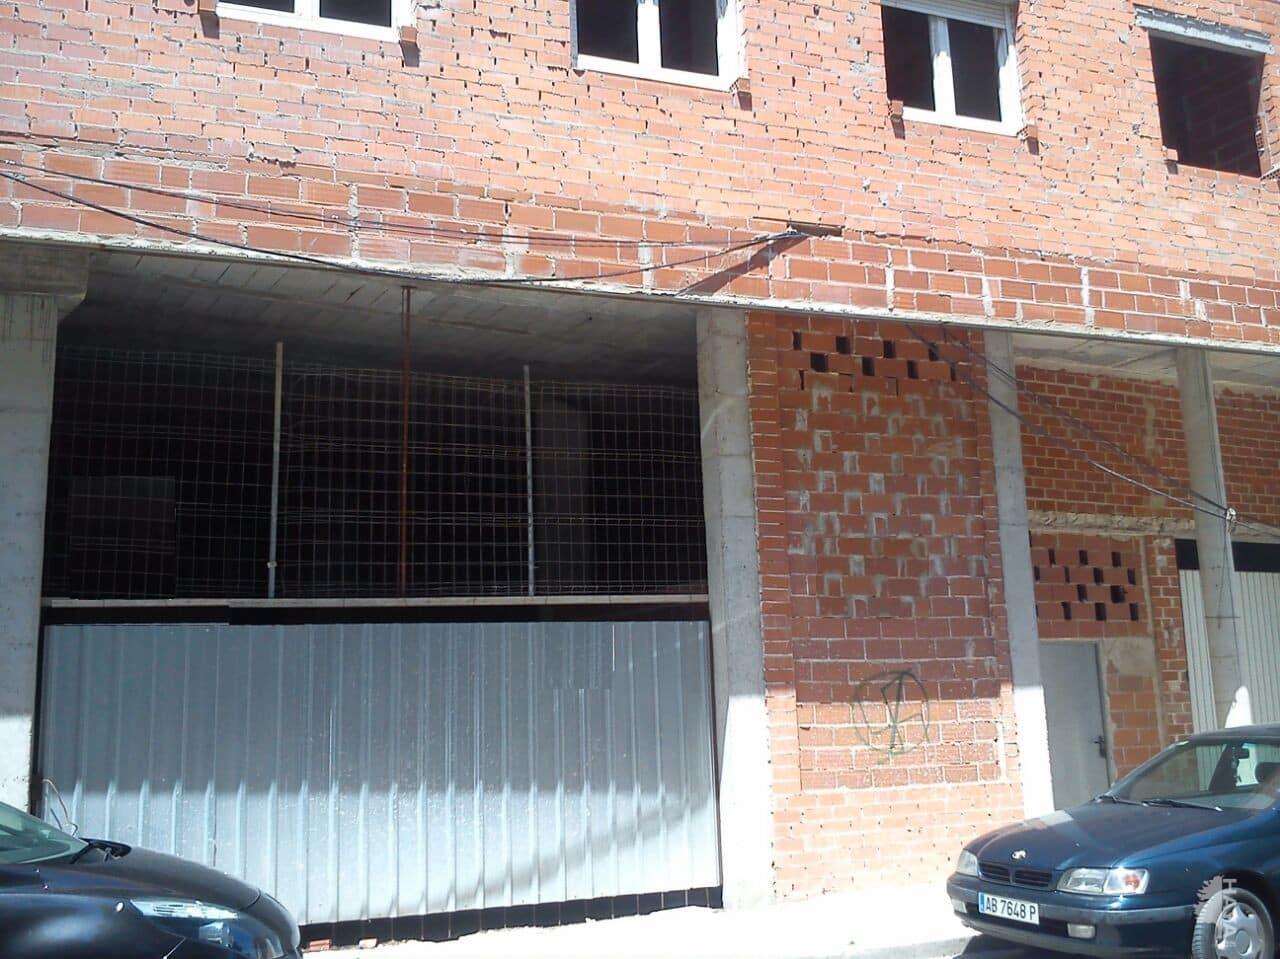 Piso en venta en La Roda, la Roda, Albacete, Calle Juan Garcia Glz, 36.800 €, 1 habitación, 1 baño, 101 m2